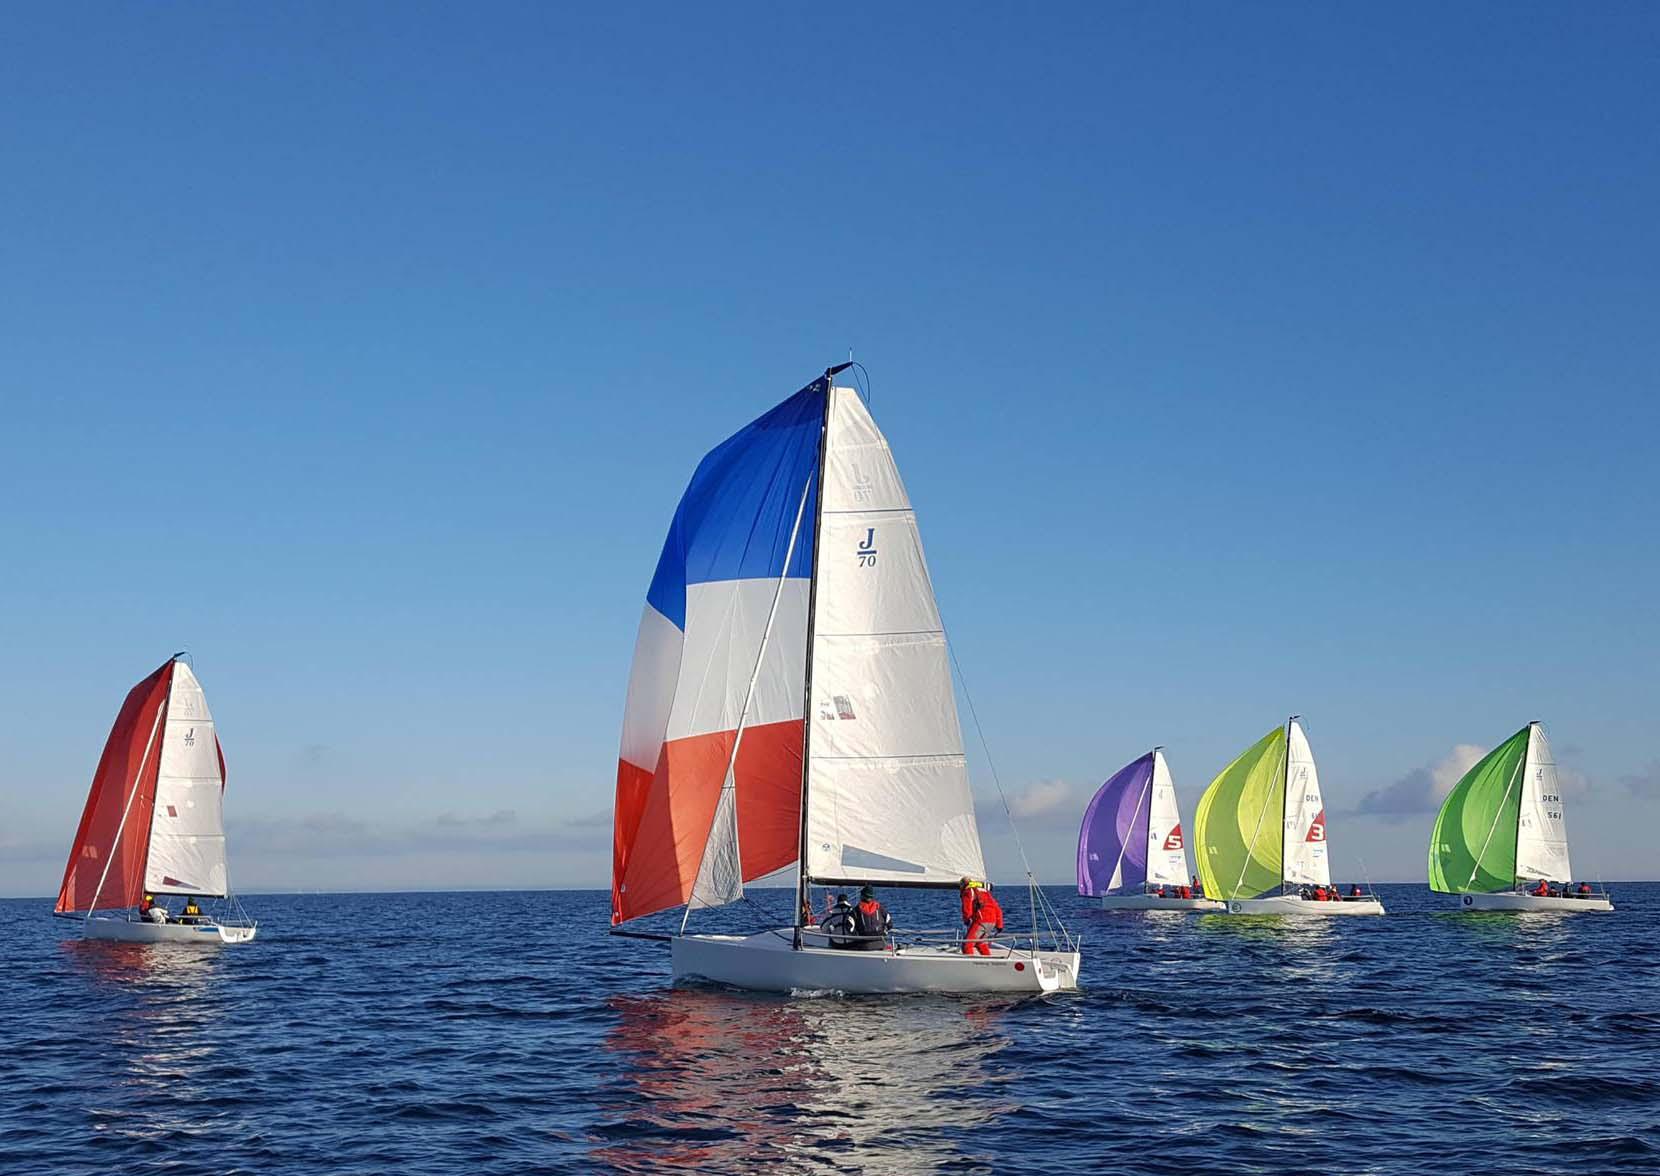 Herlig lørdag på Øresund. Det er om vinteren man bliver en god sejler, har Paul Elvstrøm (vist nok) sagt. Foto: Jesper Adler